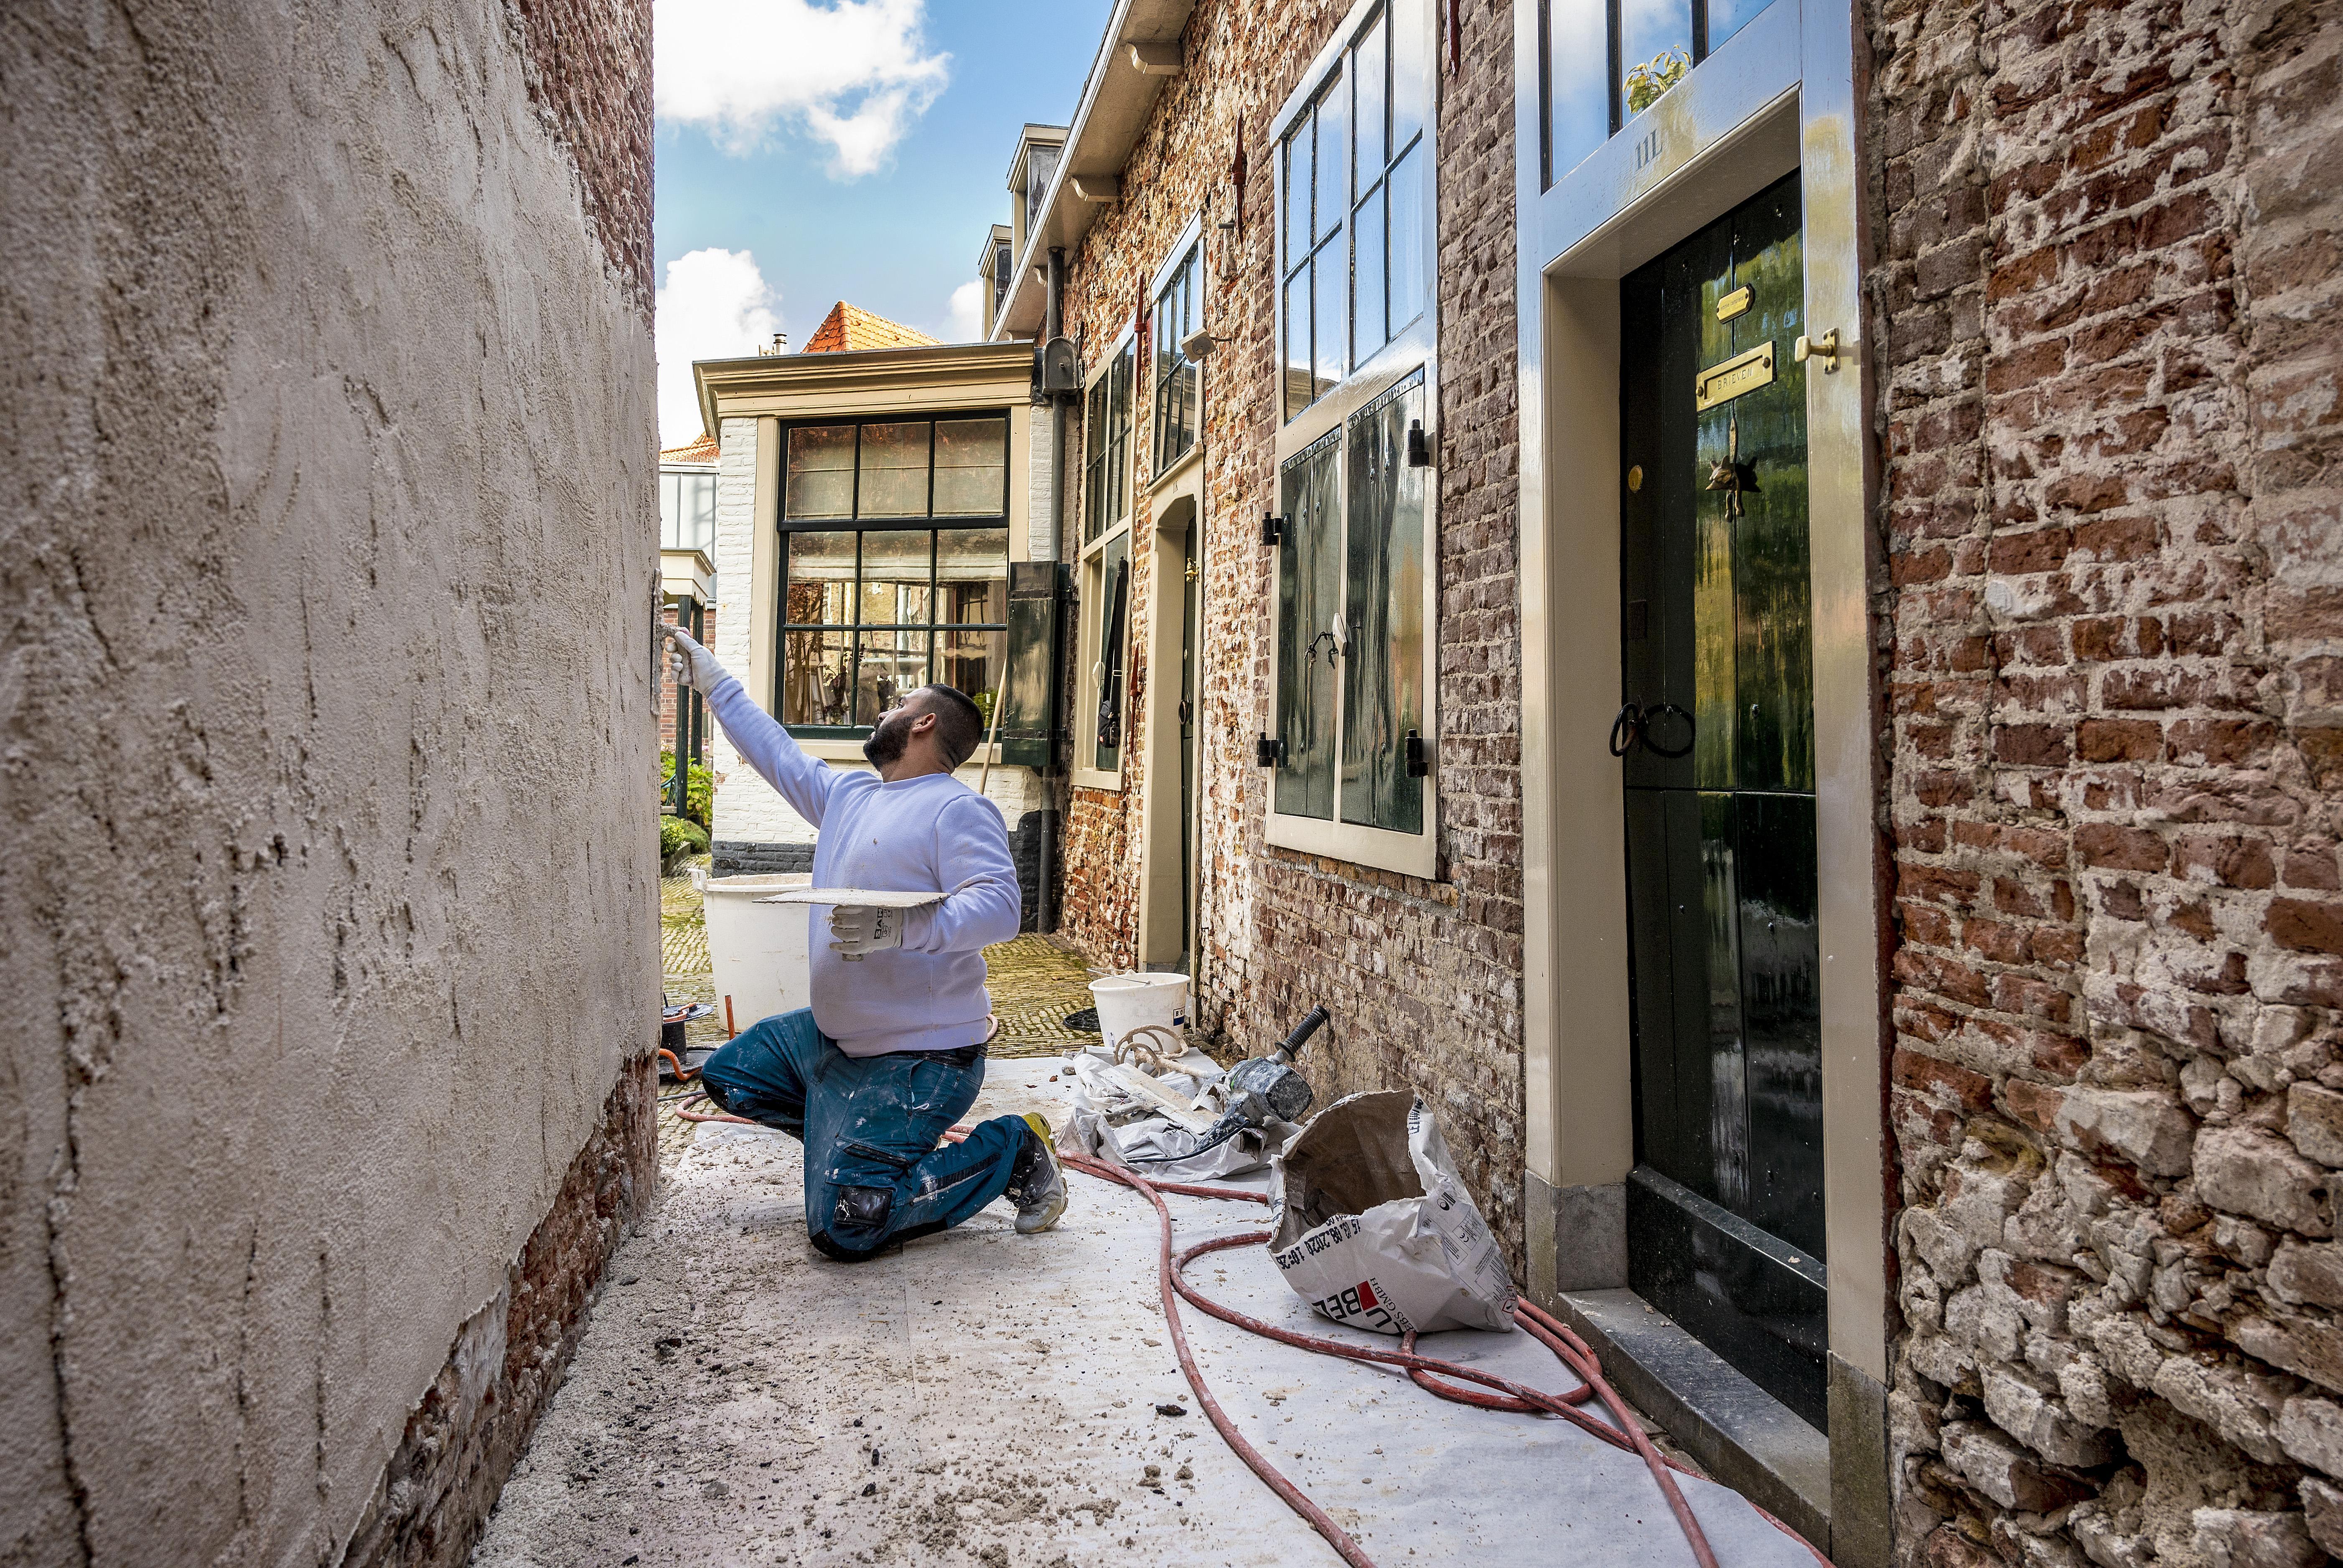 Ademend kalk moet vochtproblemen bij Hofje van Bakenes oplossen. 'Cement is een soort doodskleed'